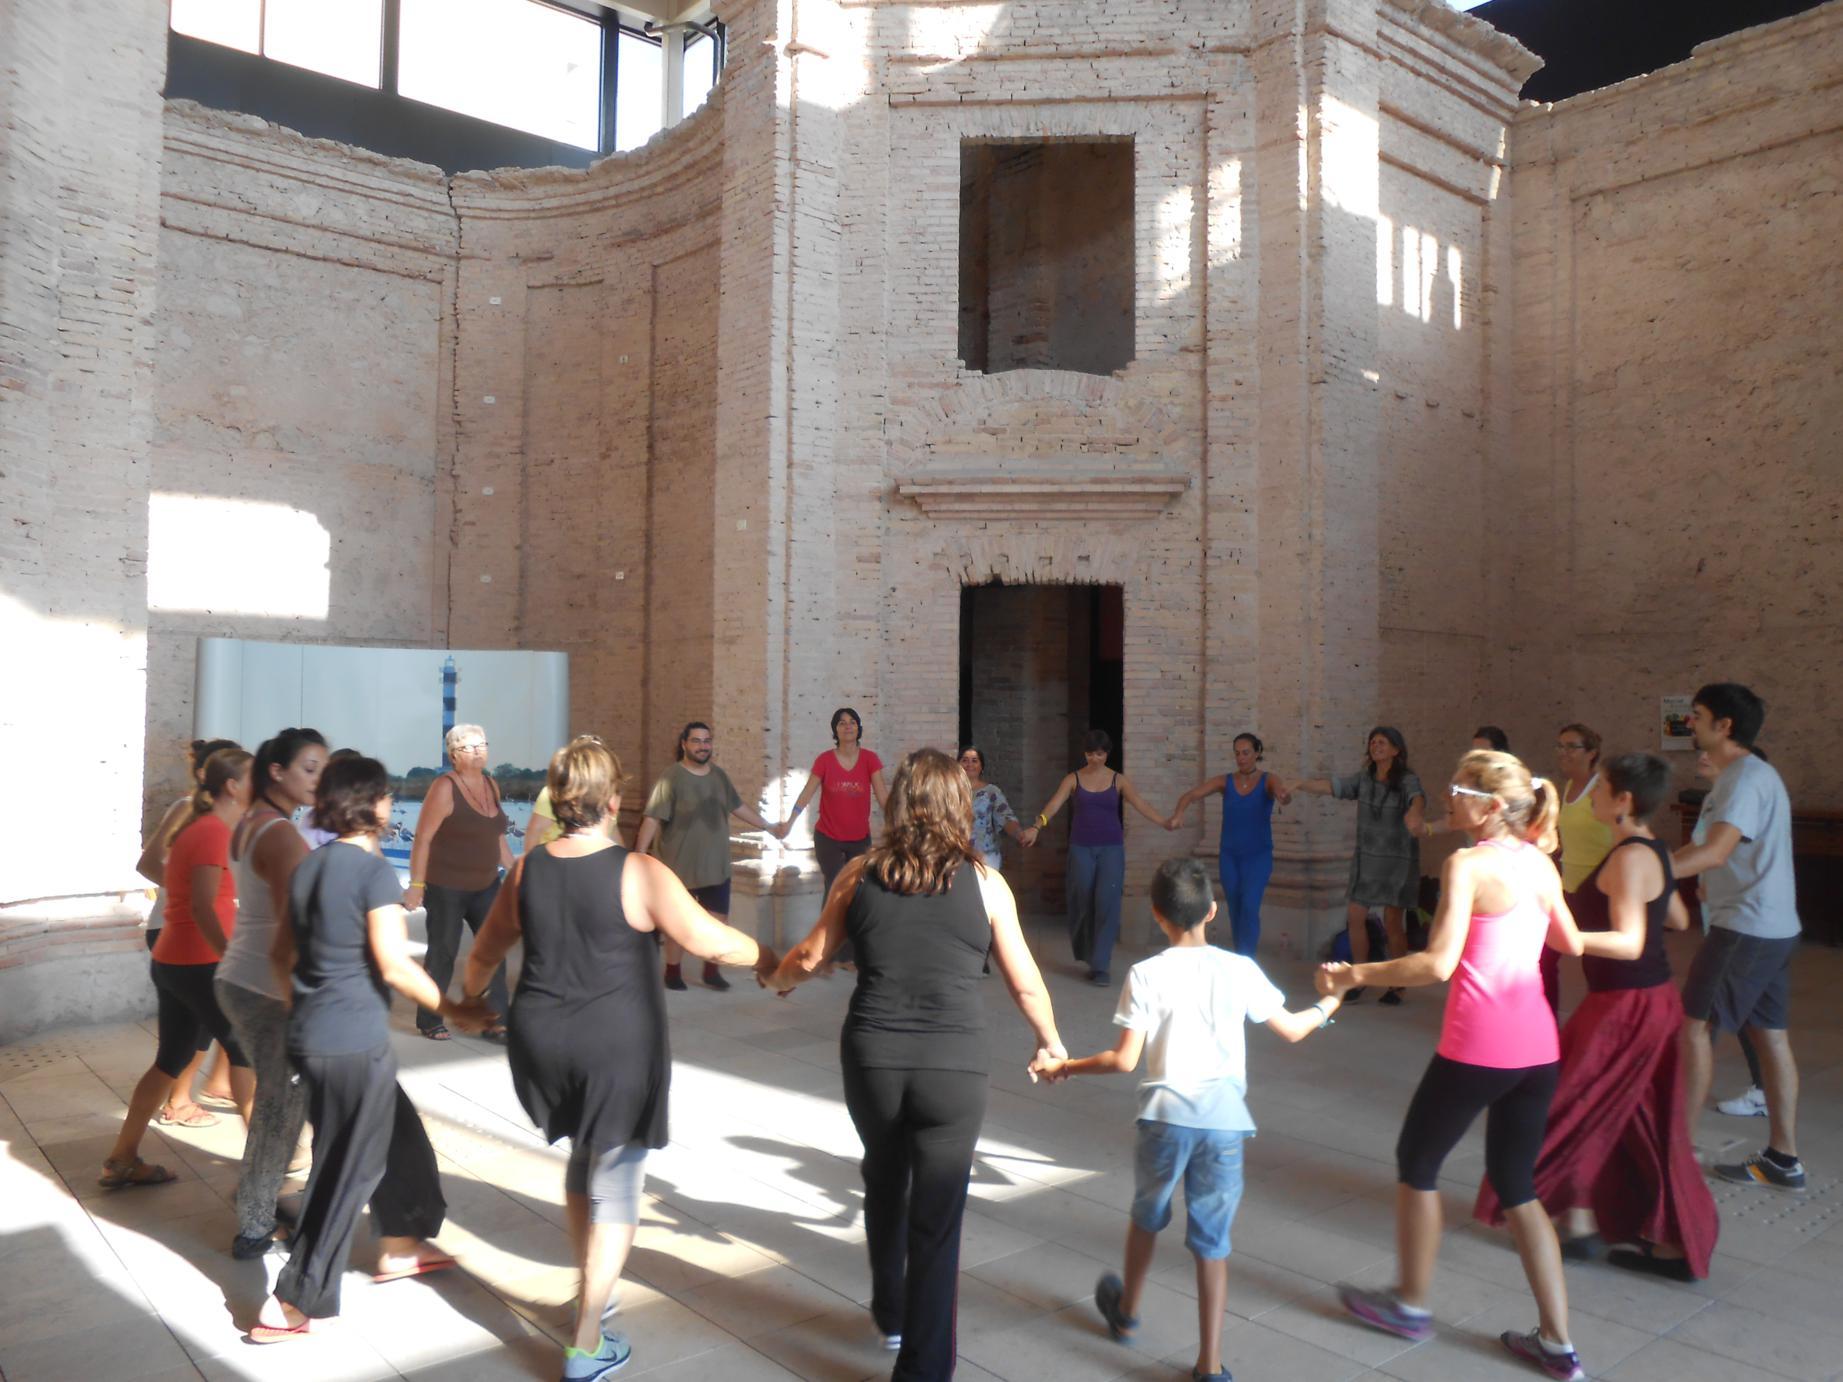 Silvia_Danses circulars